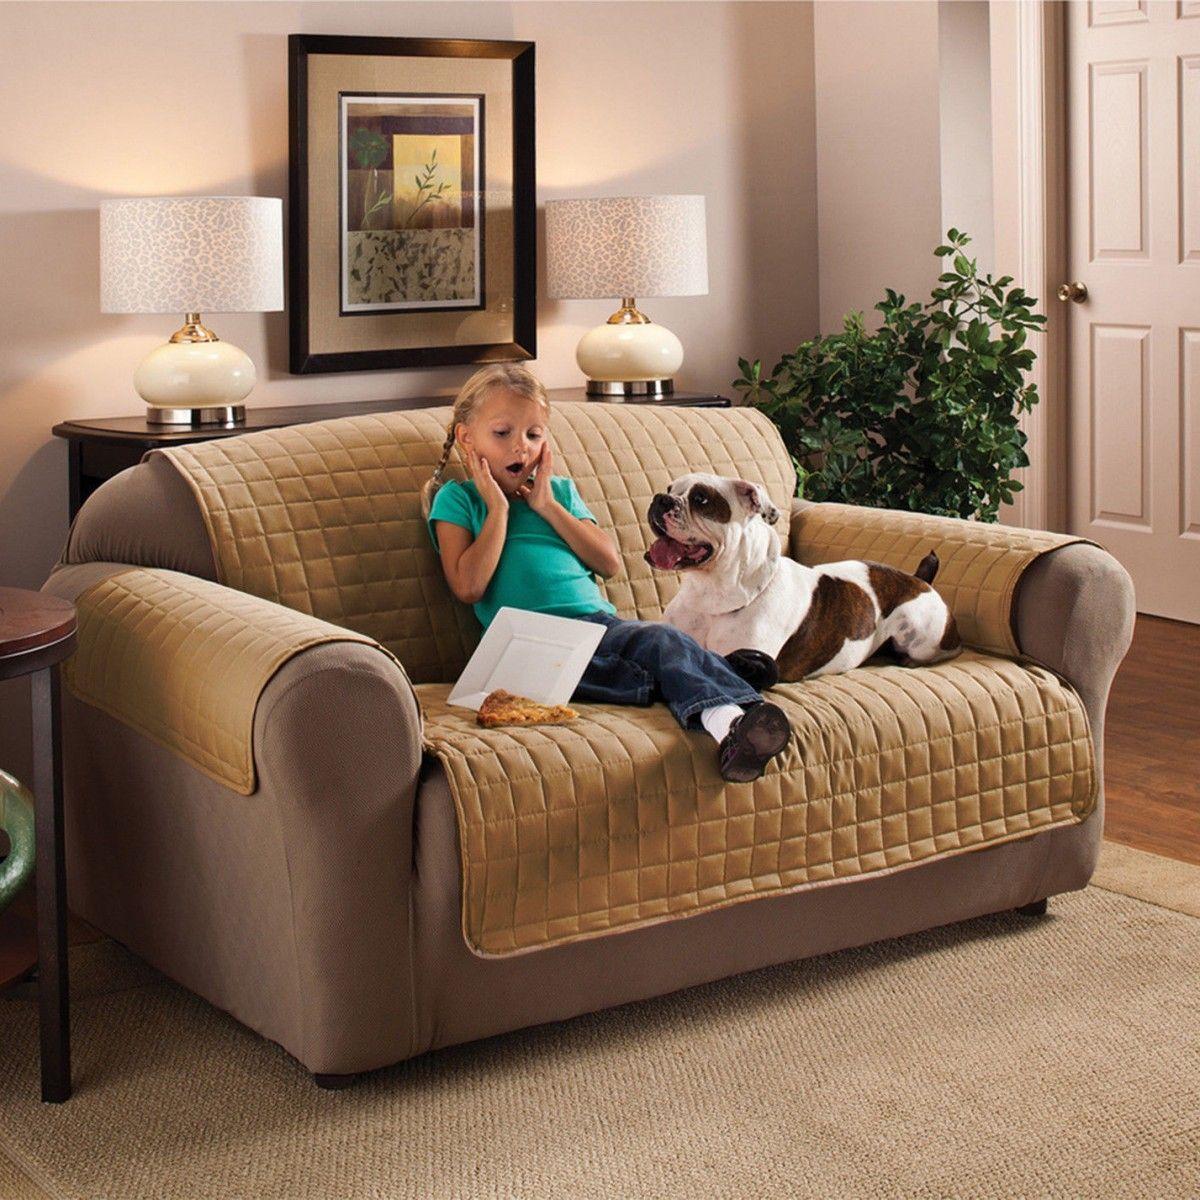 Накидка на двухместный диван Медежда Йорк, цвет: бежевый1402121203000Универсальная стеганая накидка на диван Йорк защитит ваш диван и украсит вашу гостиную. Очень удобна и проста в использовании. Производитель: Медежда, Россия. Ширина накидки 120 см. Машинная стирка при температуре 30 градусов.